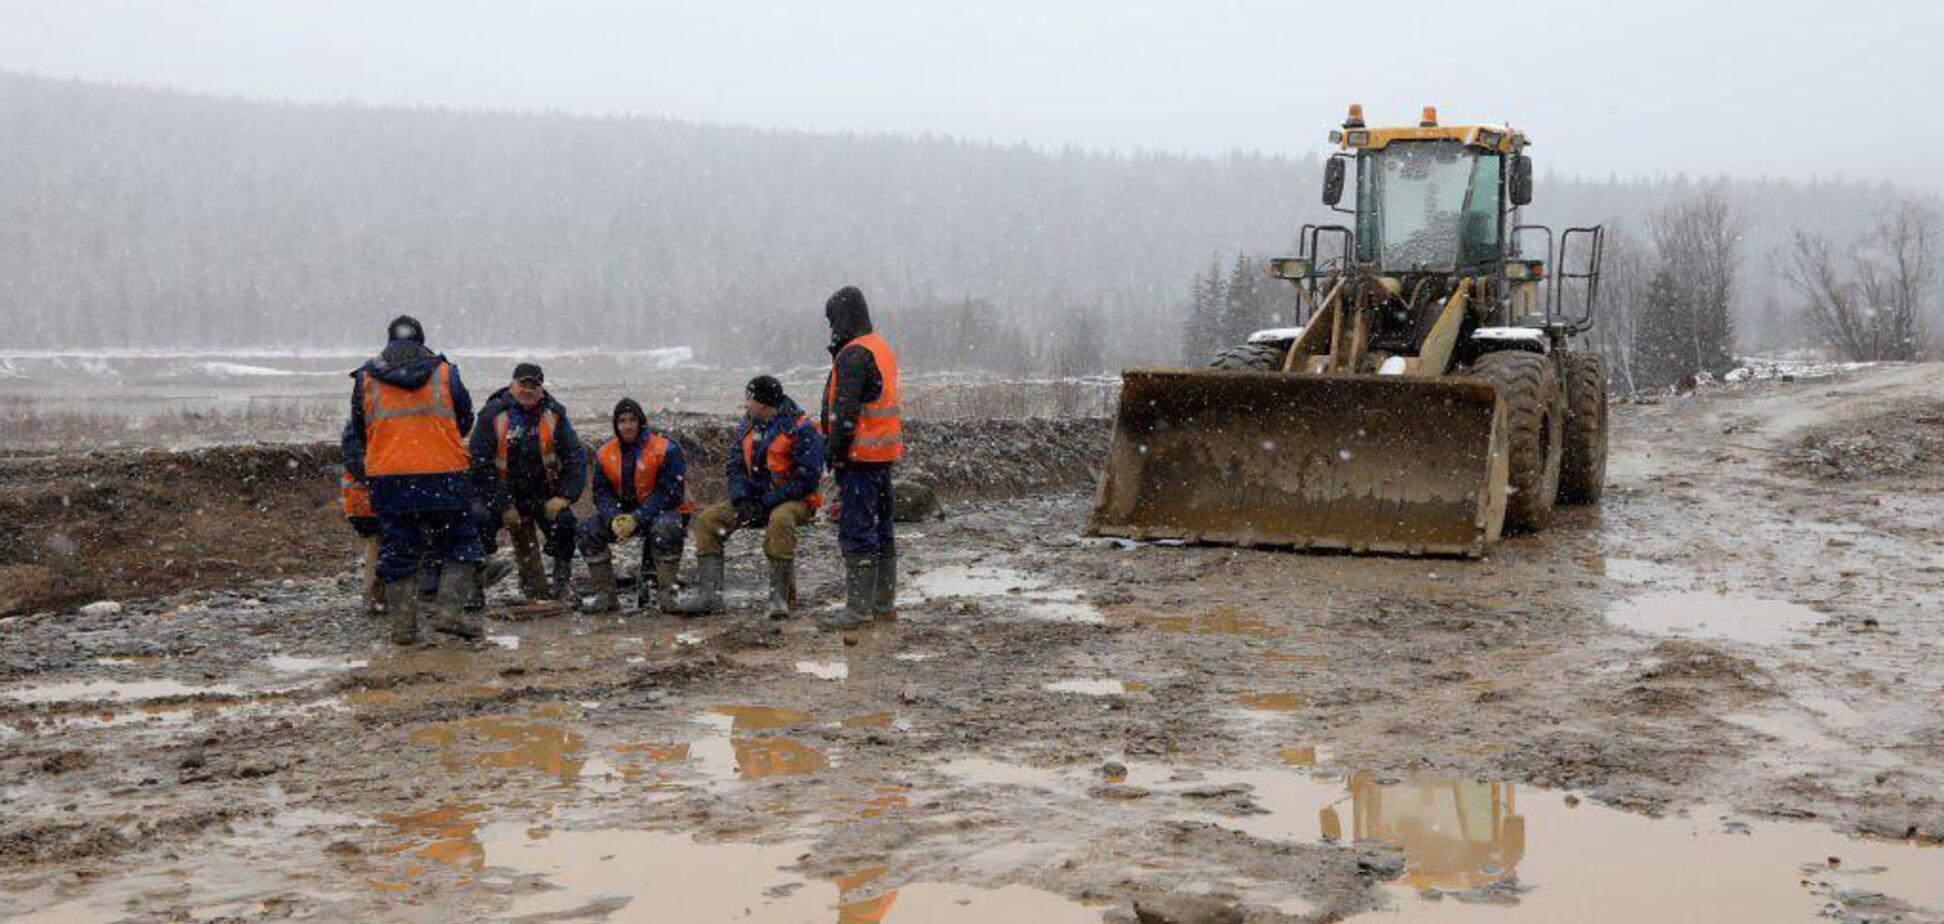 Жахливі умови життя робітників золотої копальні у Красноярському краї потрапили на відео